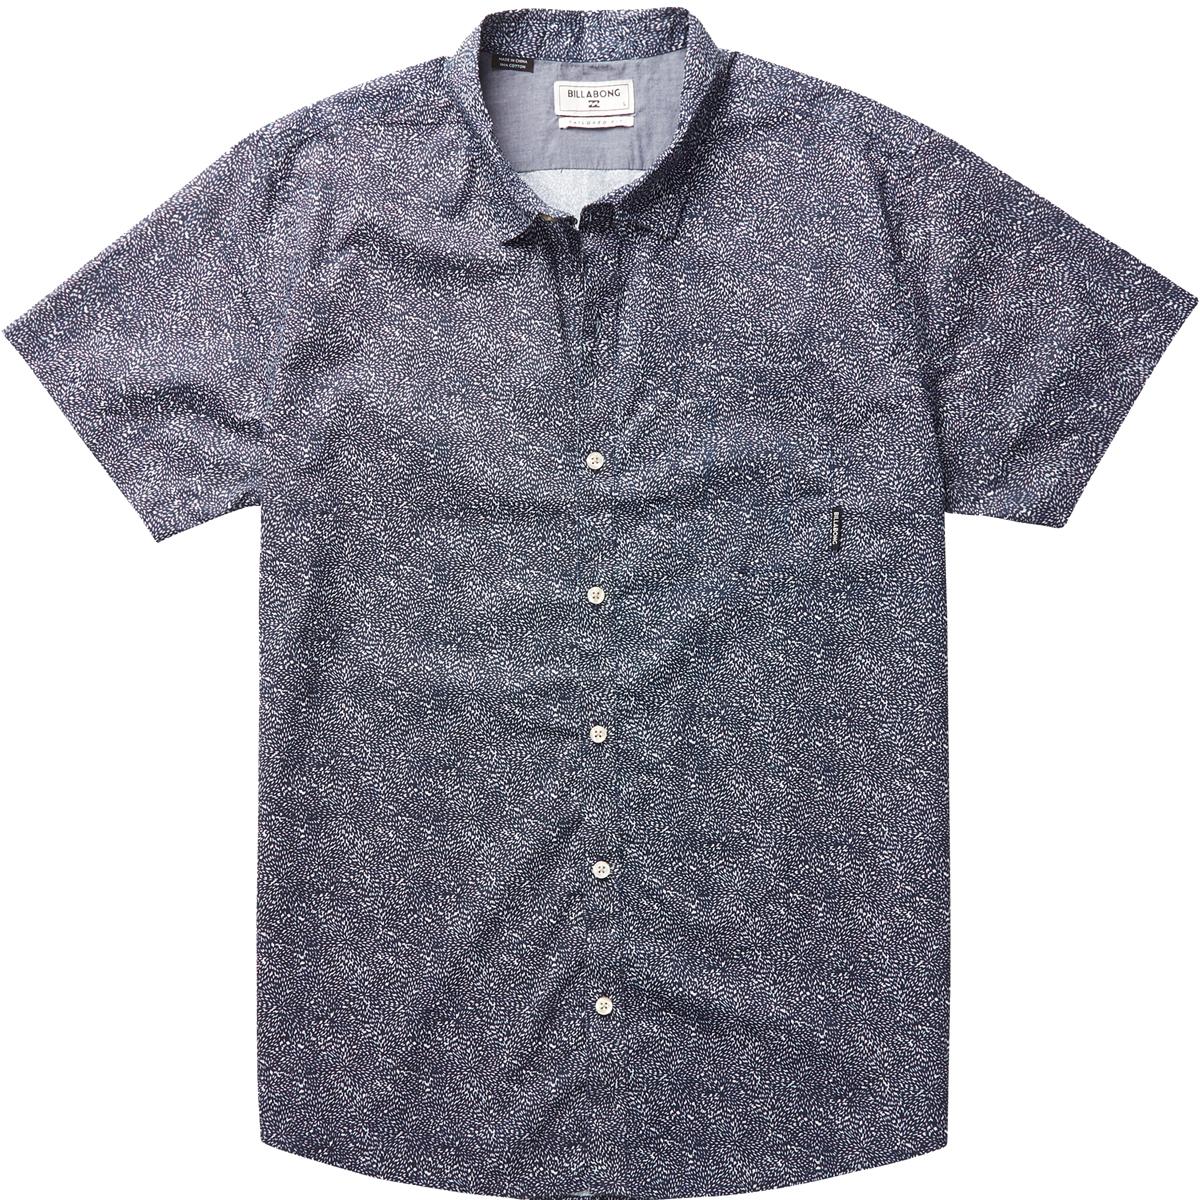 New DARK SUNRISE  SSРубашки<br>Современный подогнанный крой этой рубашки от Billabong сделает ее ношение максимально комфортным. Короткие рукава, карман на груди, нейтральные принты - ее можно использовать в самых разных ситуациях, и везде она будет уместна и удобна.<br> <br> <br> Особенности:<br><br>Мужская рубашка<br><br>Современный приталенный крой<br><br>Нагрудный карман<br><br>Детали из хлопка шамбре<br><br>Этикетка с логотипом на кармане<br><br>Состав: 100% хлопок.<br><br>Сезон: SS17<br>Артикул: 67204<br>Цвет: NAVY<br>Пол: МУЖ<br>Пол: Мужcкое<br>Размер: M<br>Тип вещи: РУБАШКА